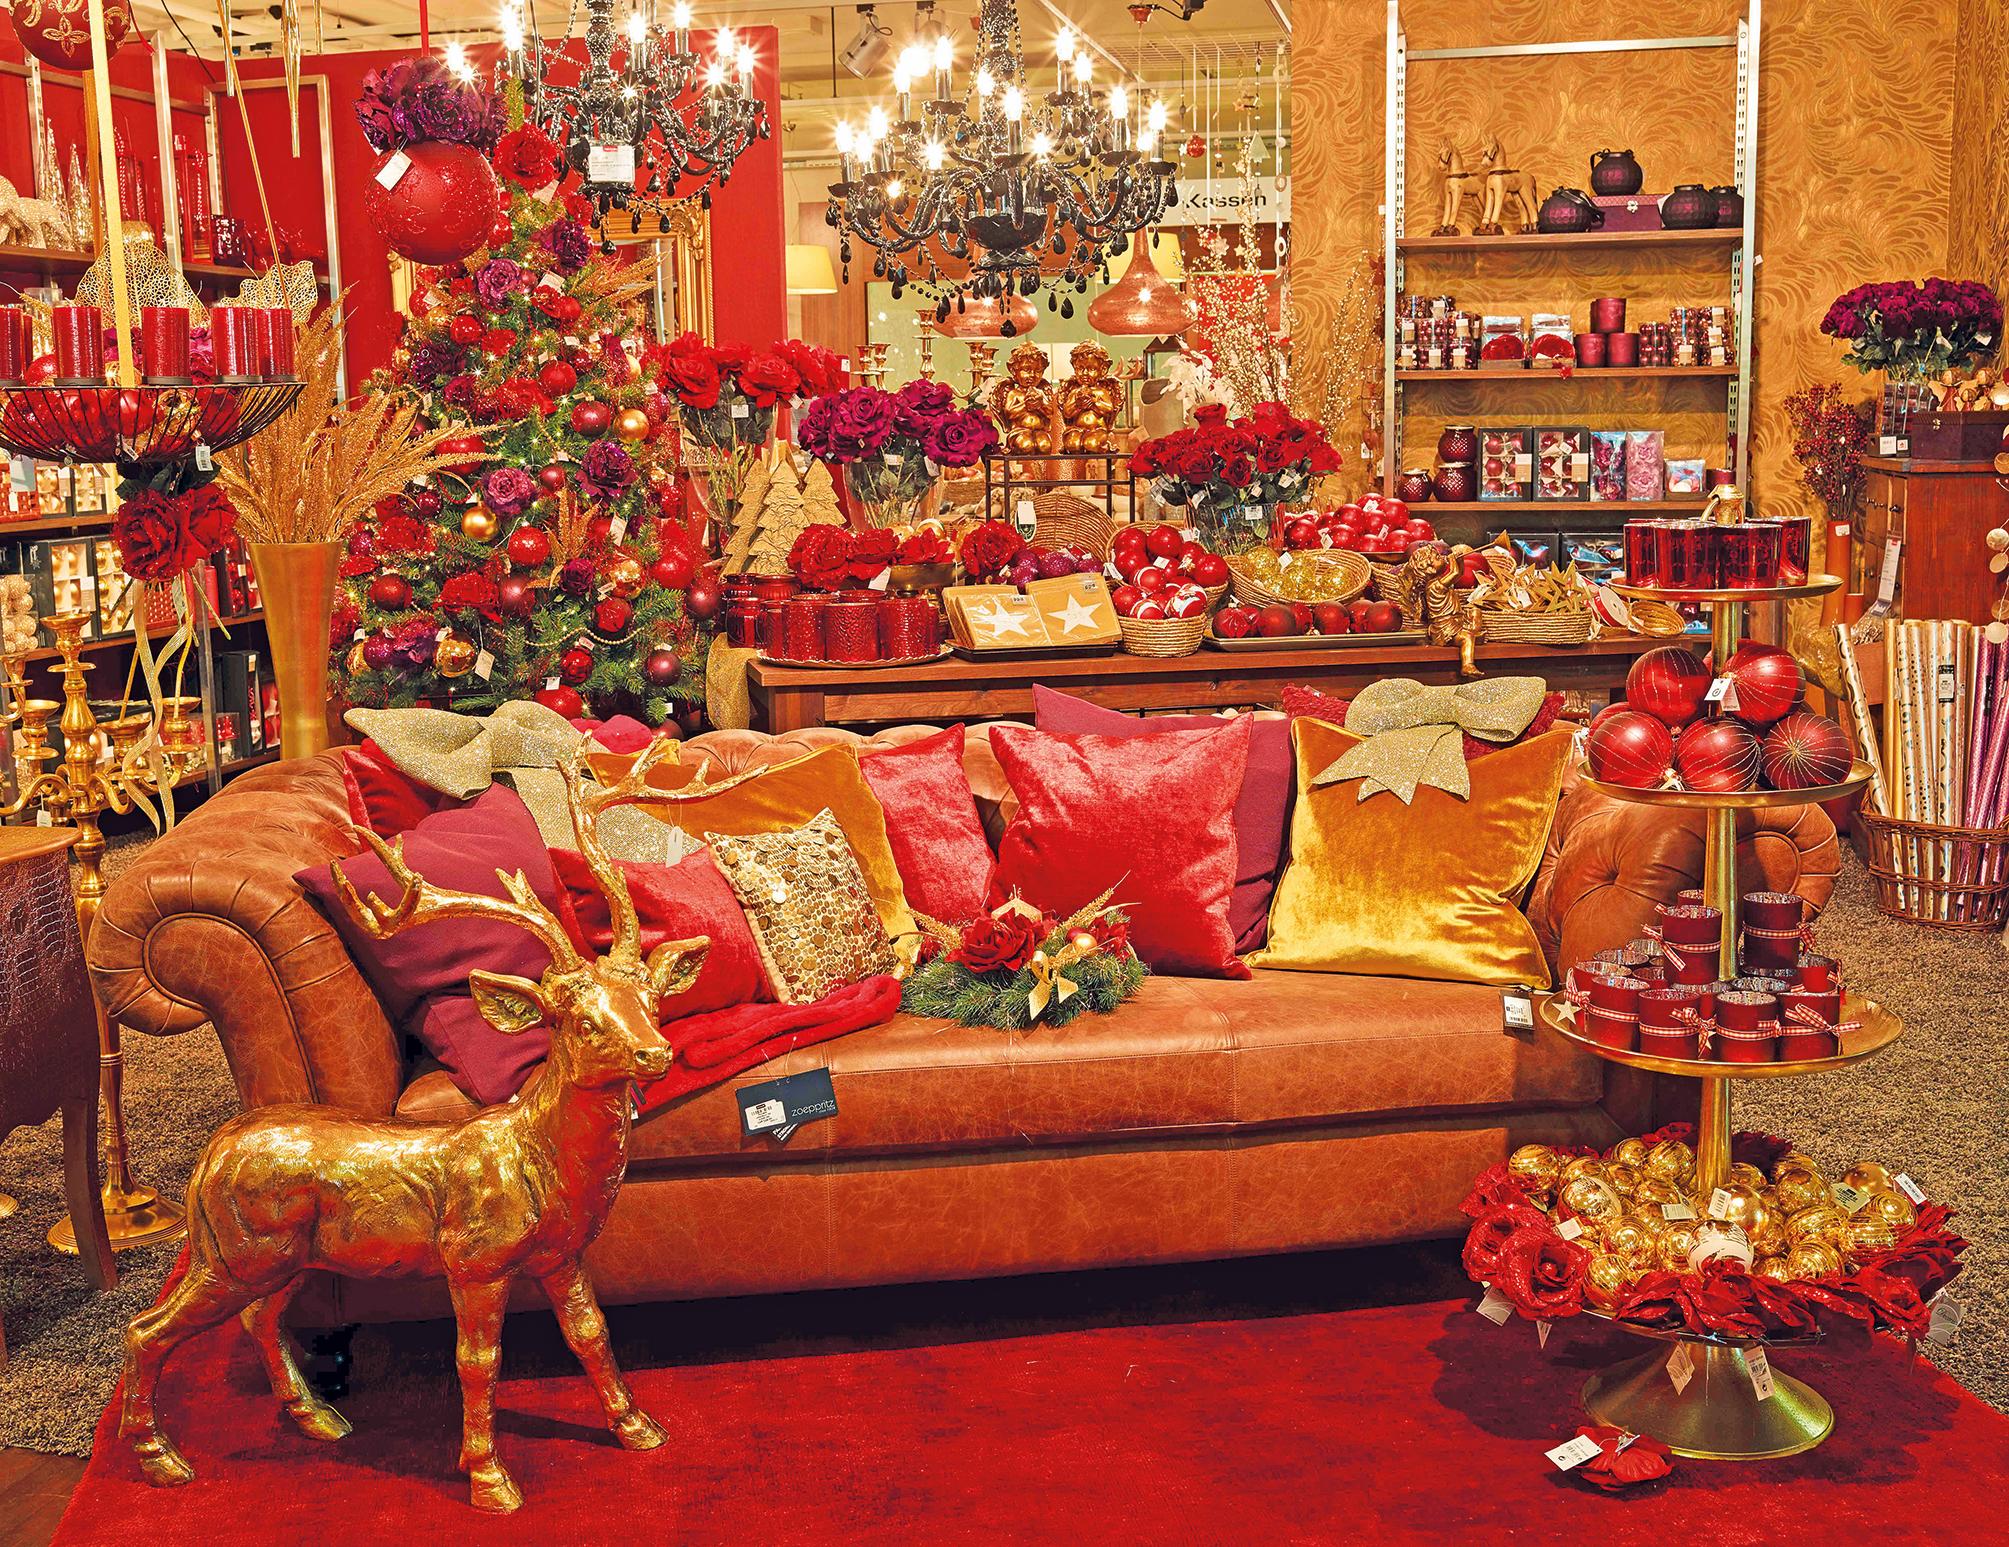 Uberraschender Weihnachtszauber